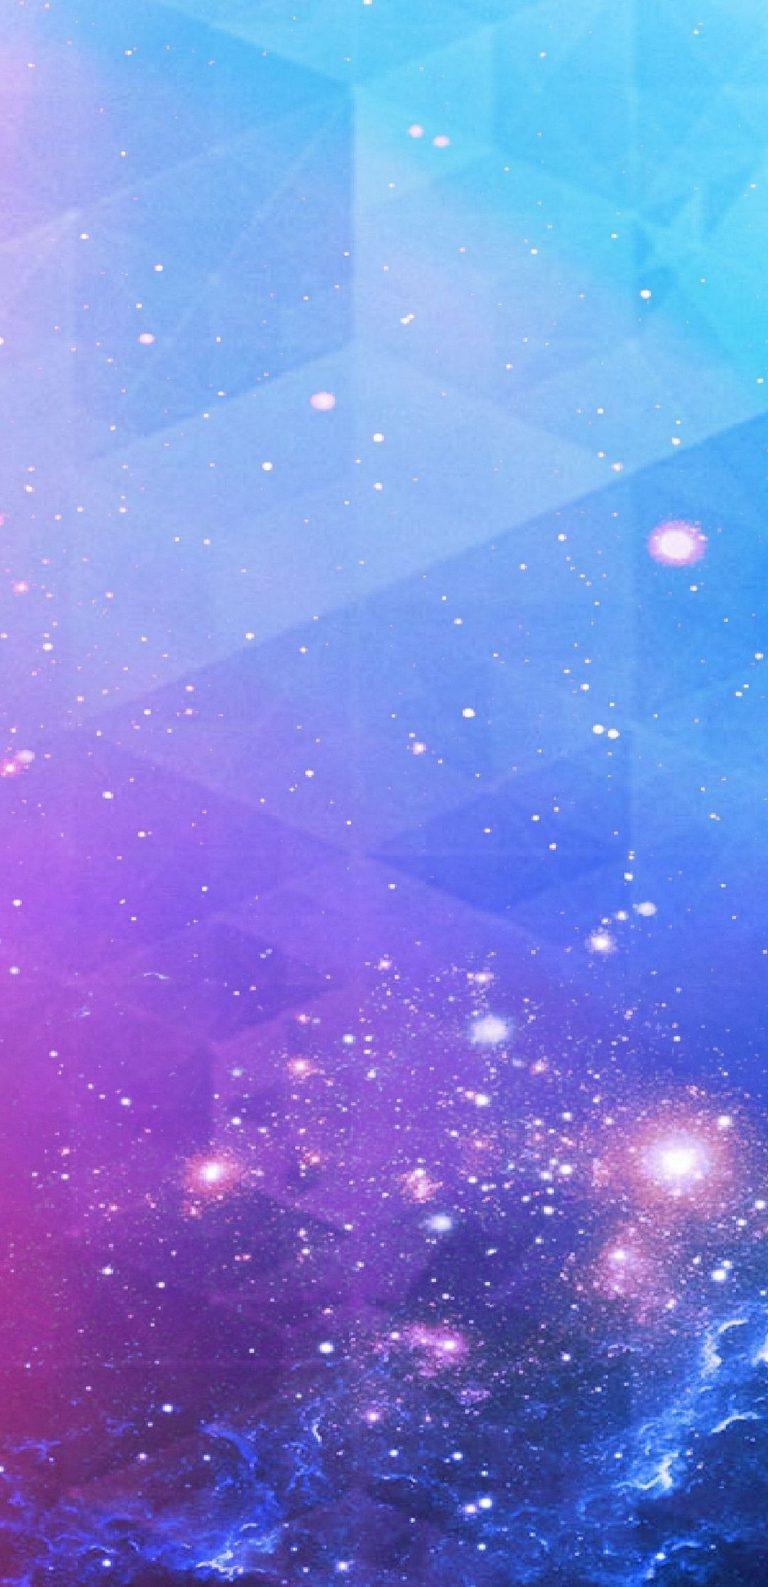 1080x2232 Wallpaper 244 768x1587